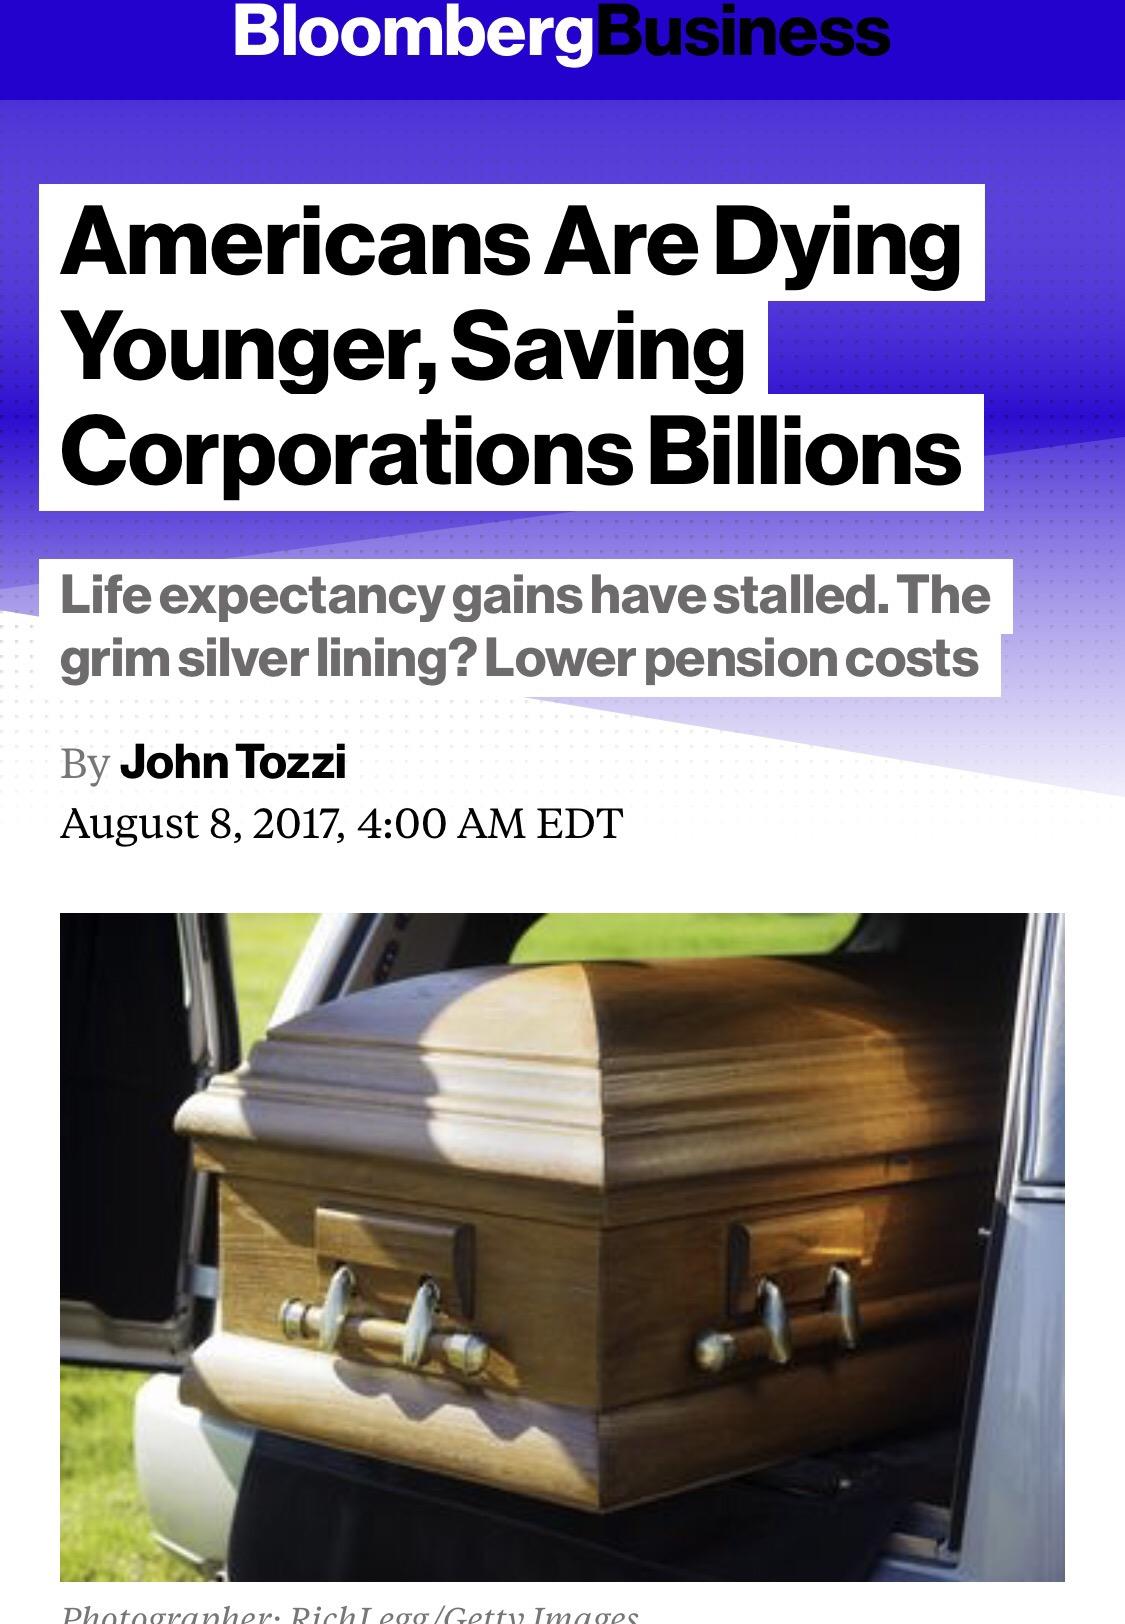 Οι ξεφτίλες Νεοφιλελερες του Bloomberg πανηγυρίζουν επειδή οι αμερικάνοι πεθαίνουν πιο νέοι! Αυτός είναι ο νεοφιλελευθερισμός